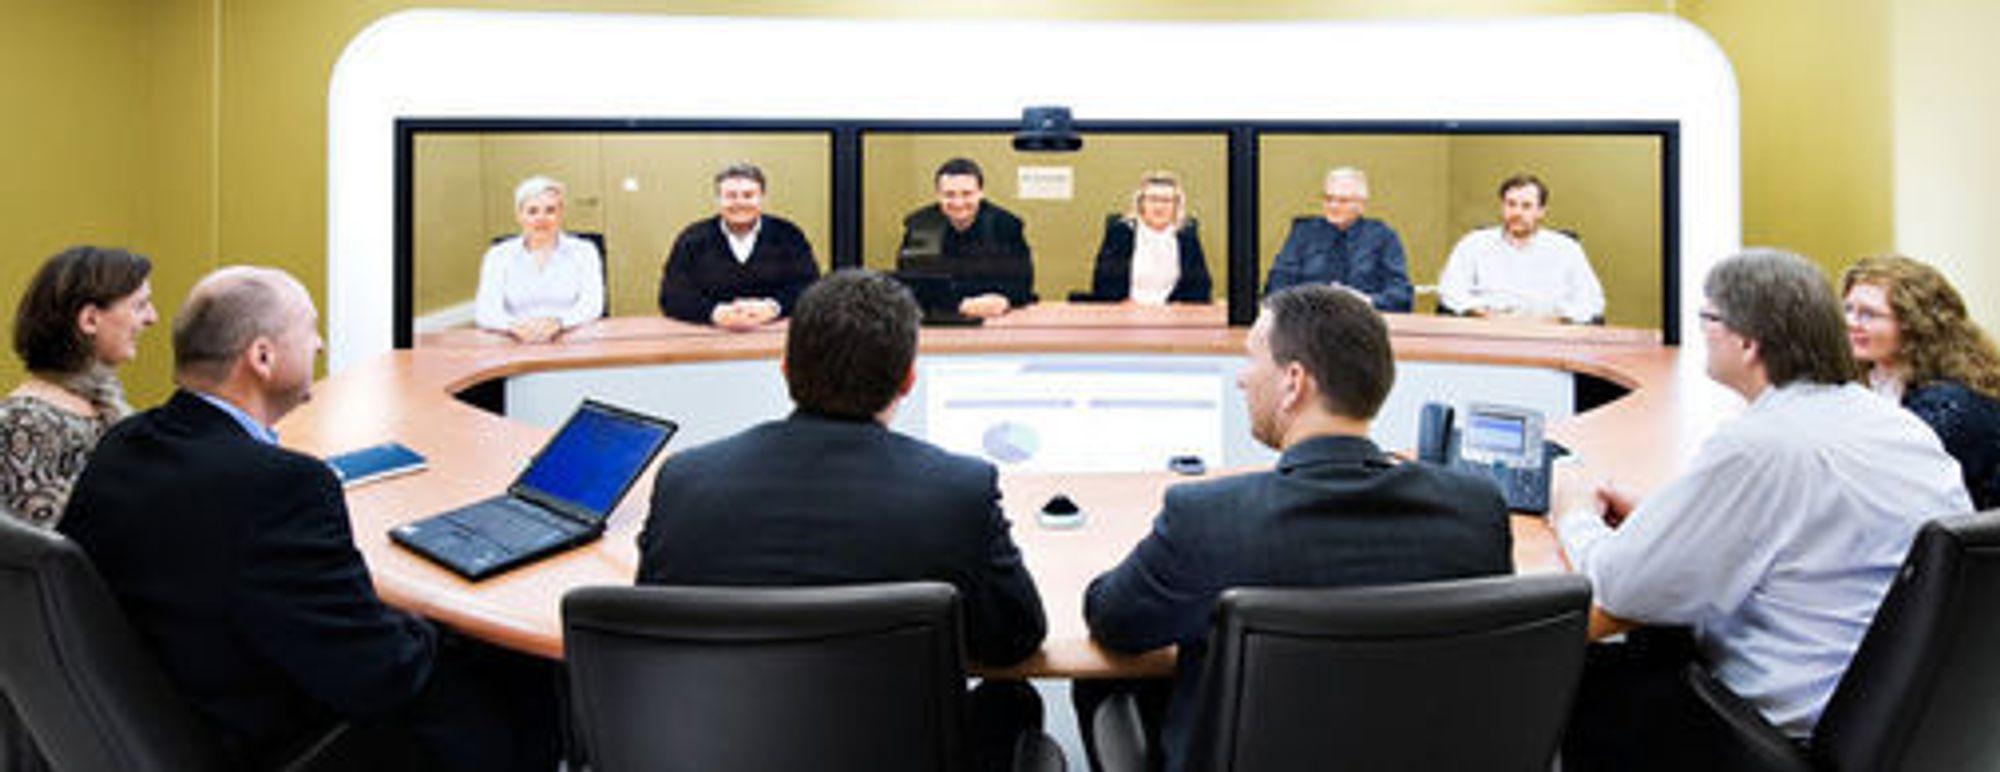 Videokonferanseløsninger som gir virkelighetsnære møteopplevelse blir av mange IT-leverandører omtalt som «telepresence». (Foto: Jon Amundsen)